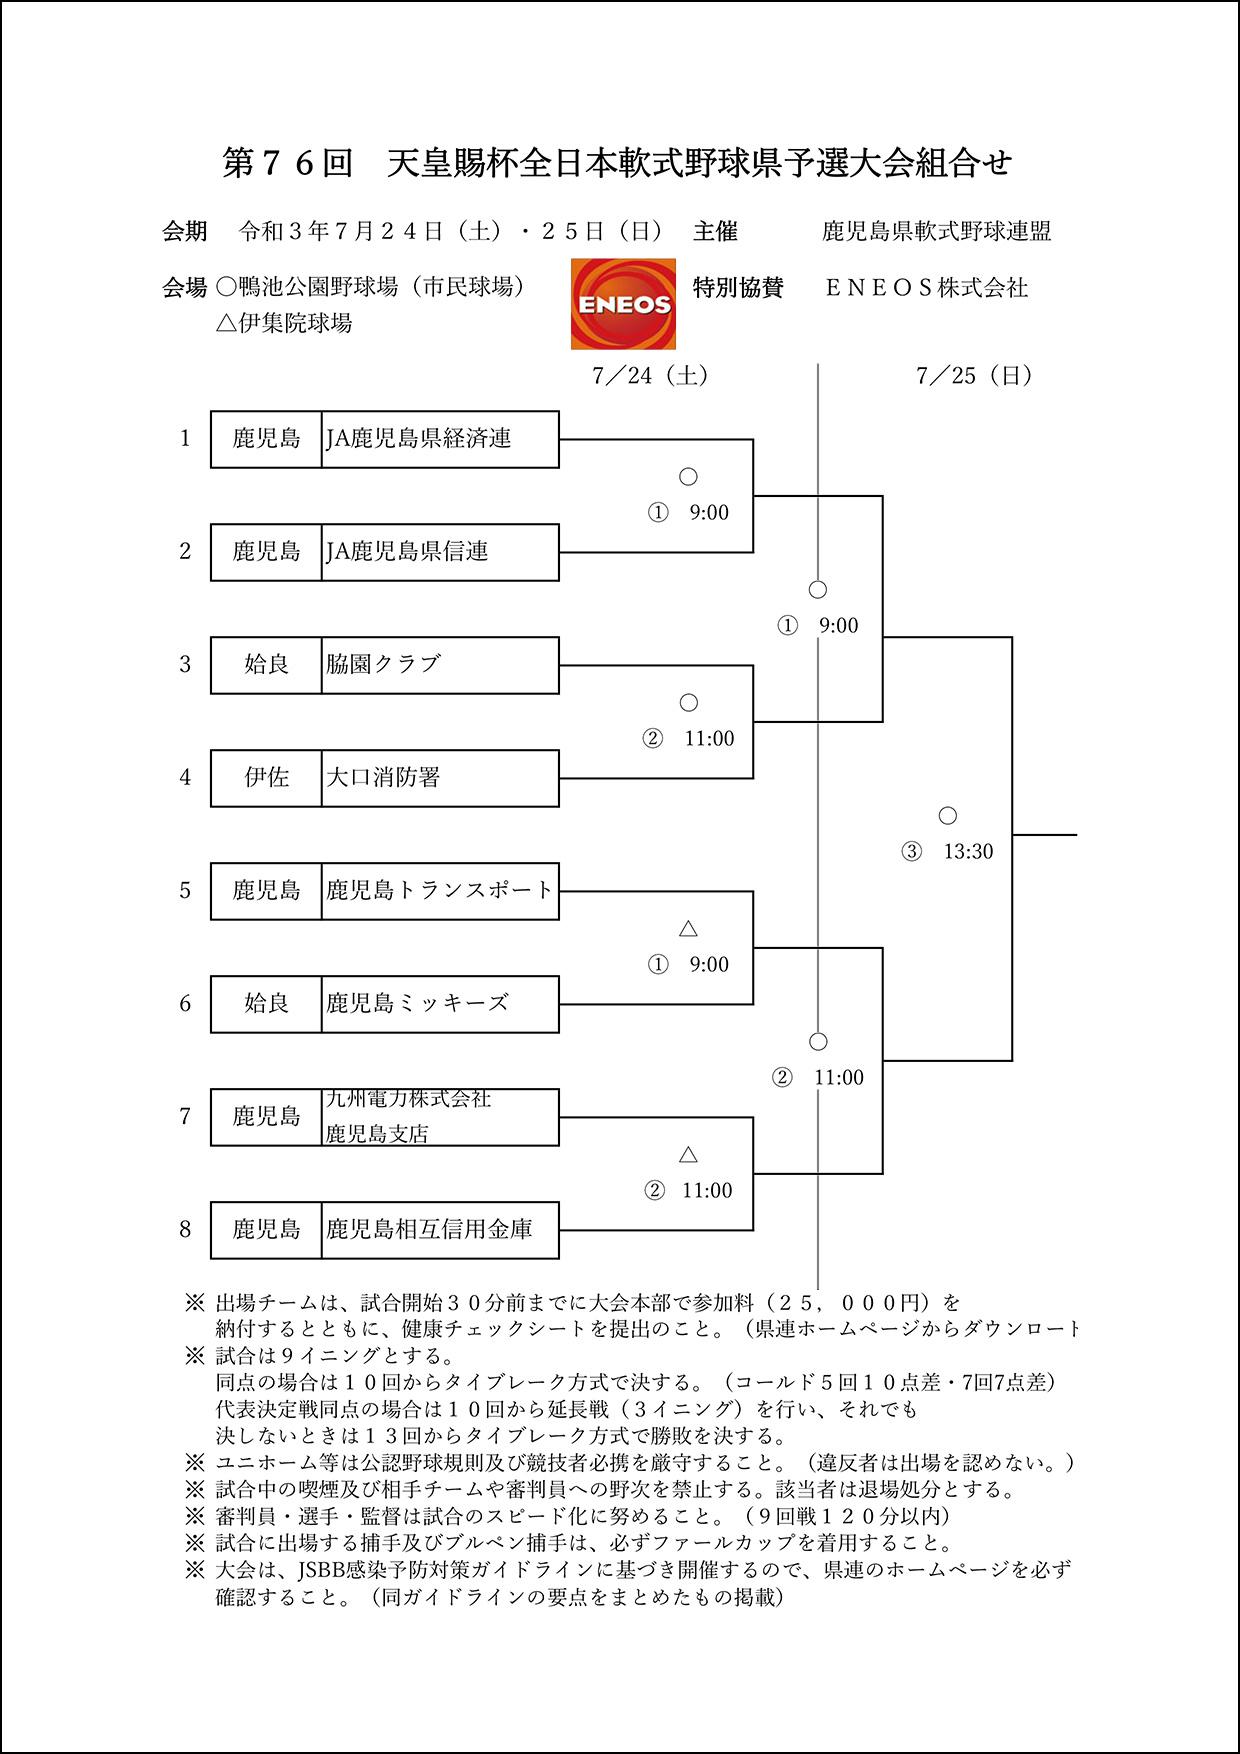 【組合せ】第76回天皇賜杯全日本軟式野球県予選大会